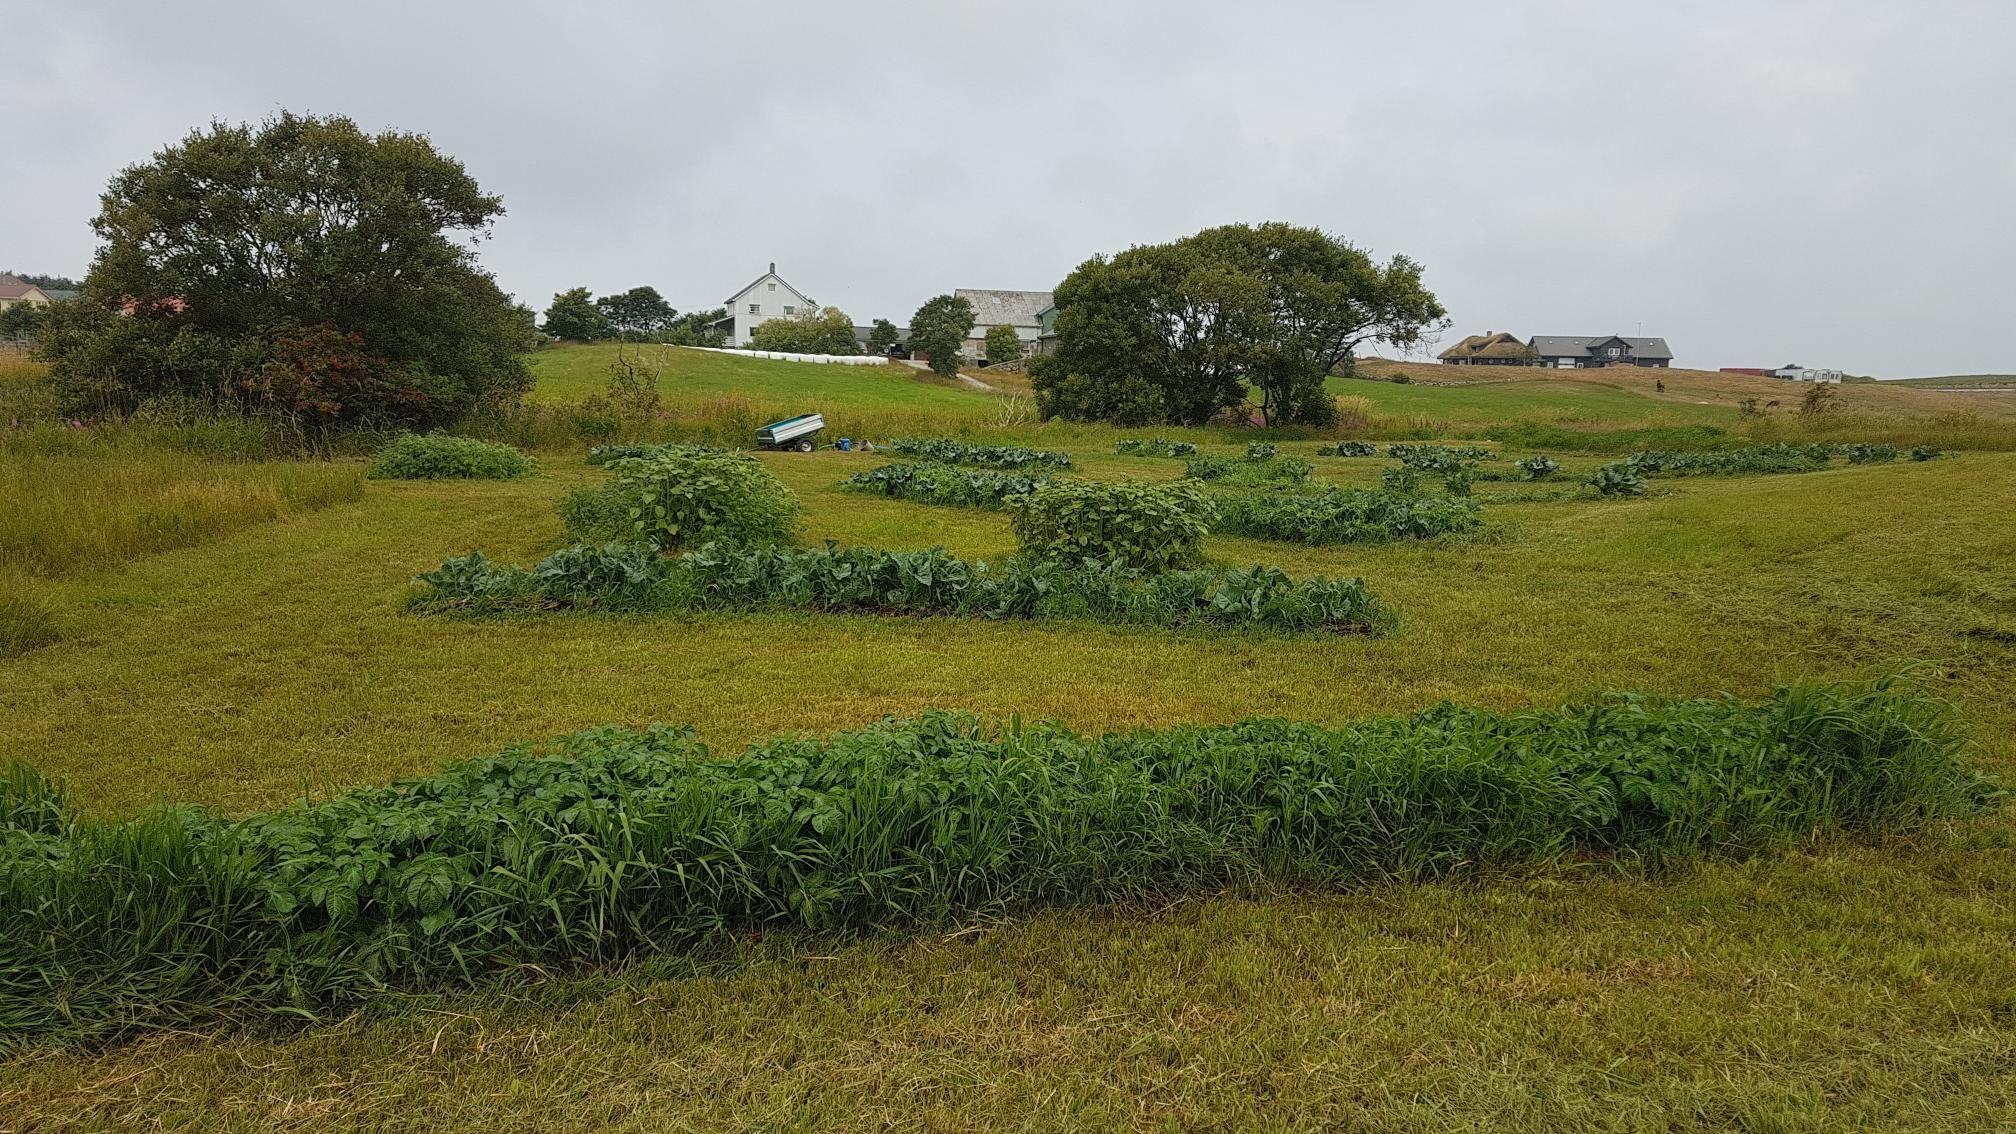 Prøvedyrking etter jordbokmetoden: Knallresultat utan å vatna i tidenes tørkesommar